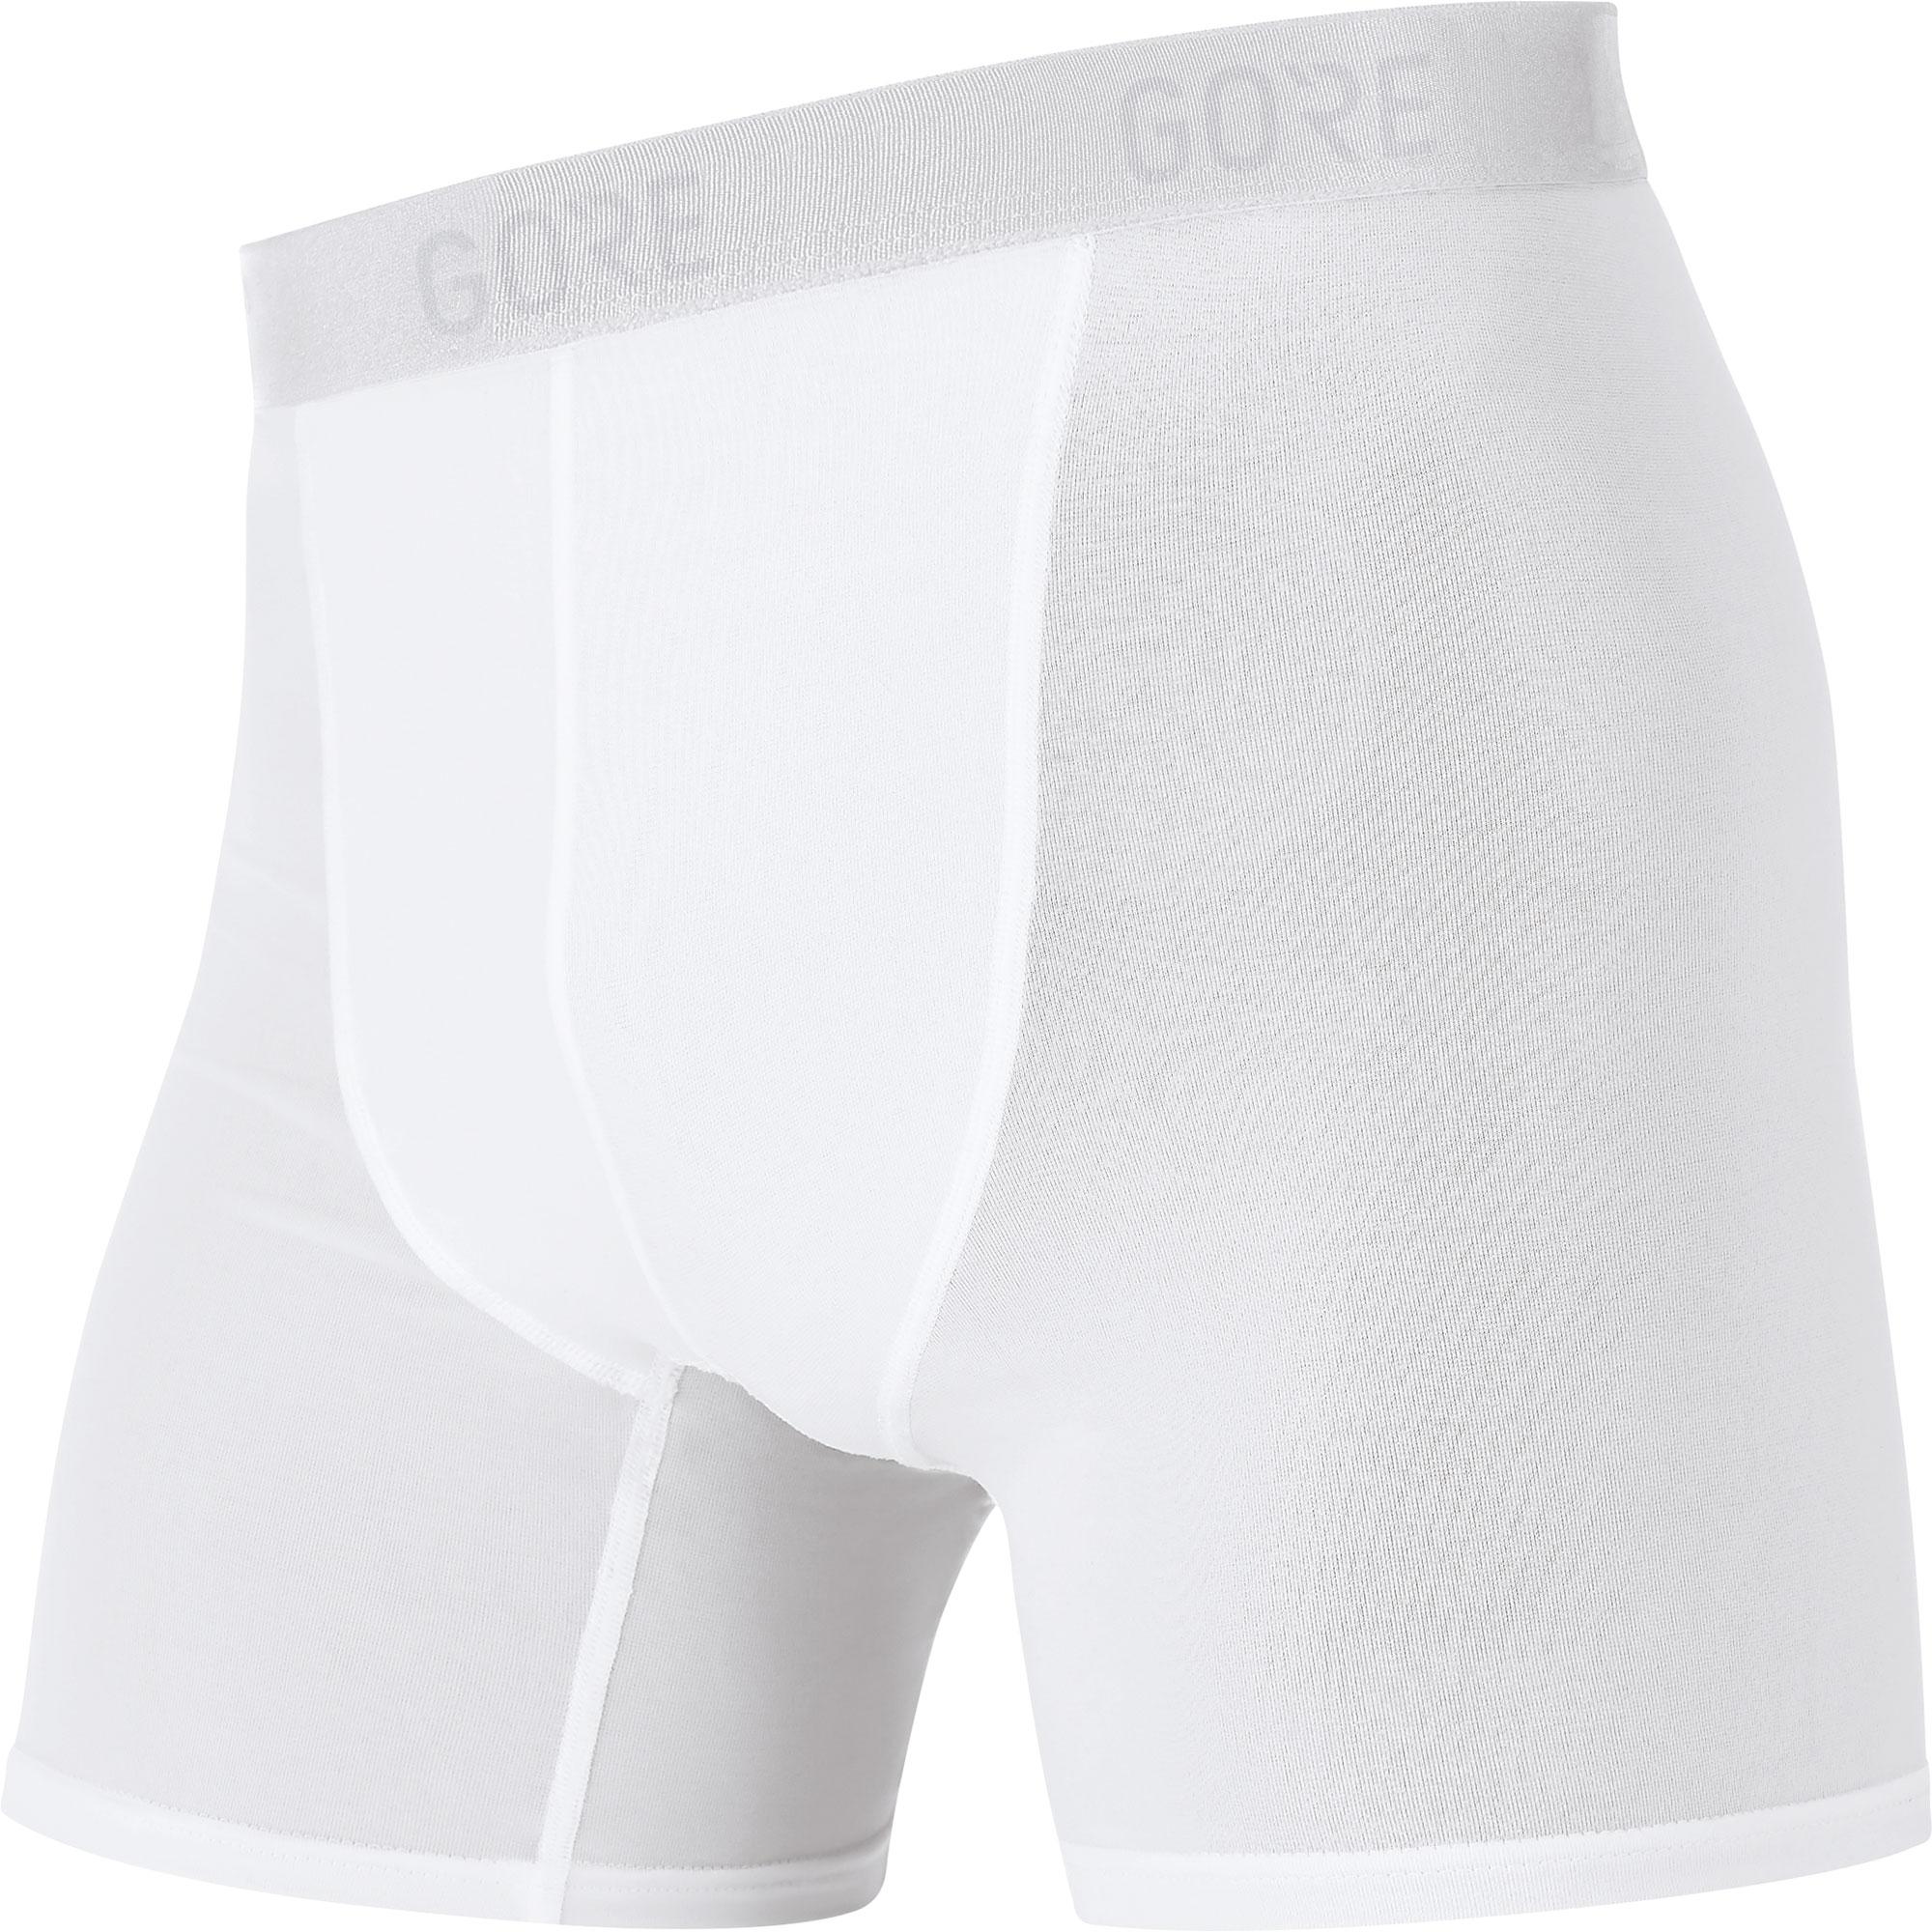 GORE M Base Layer Boxer Shorts